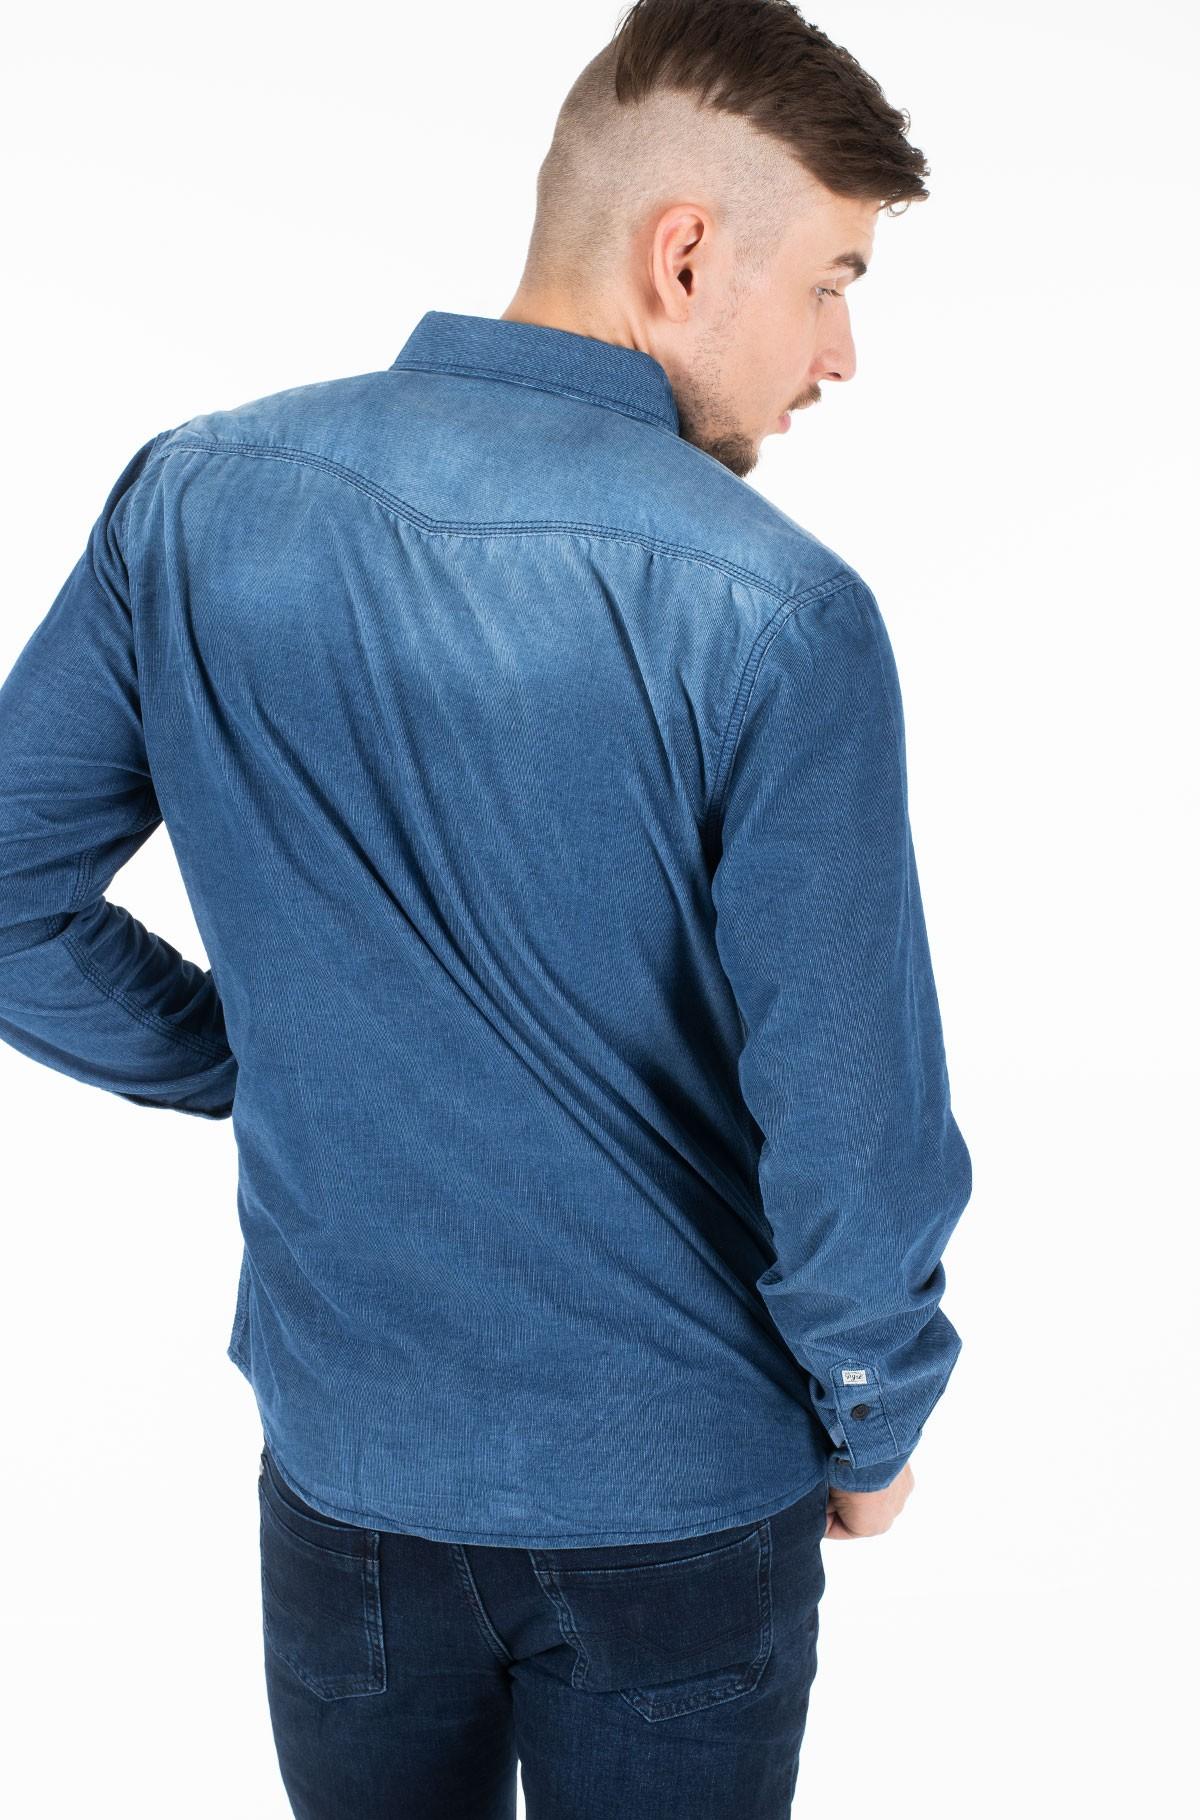 Velvetiniai marškiniai CANYON CORD/PM306146-full-3